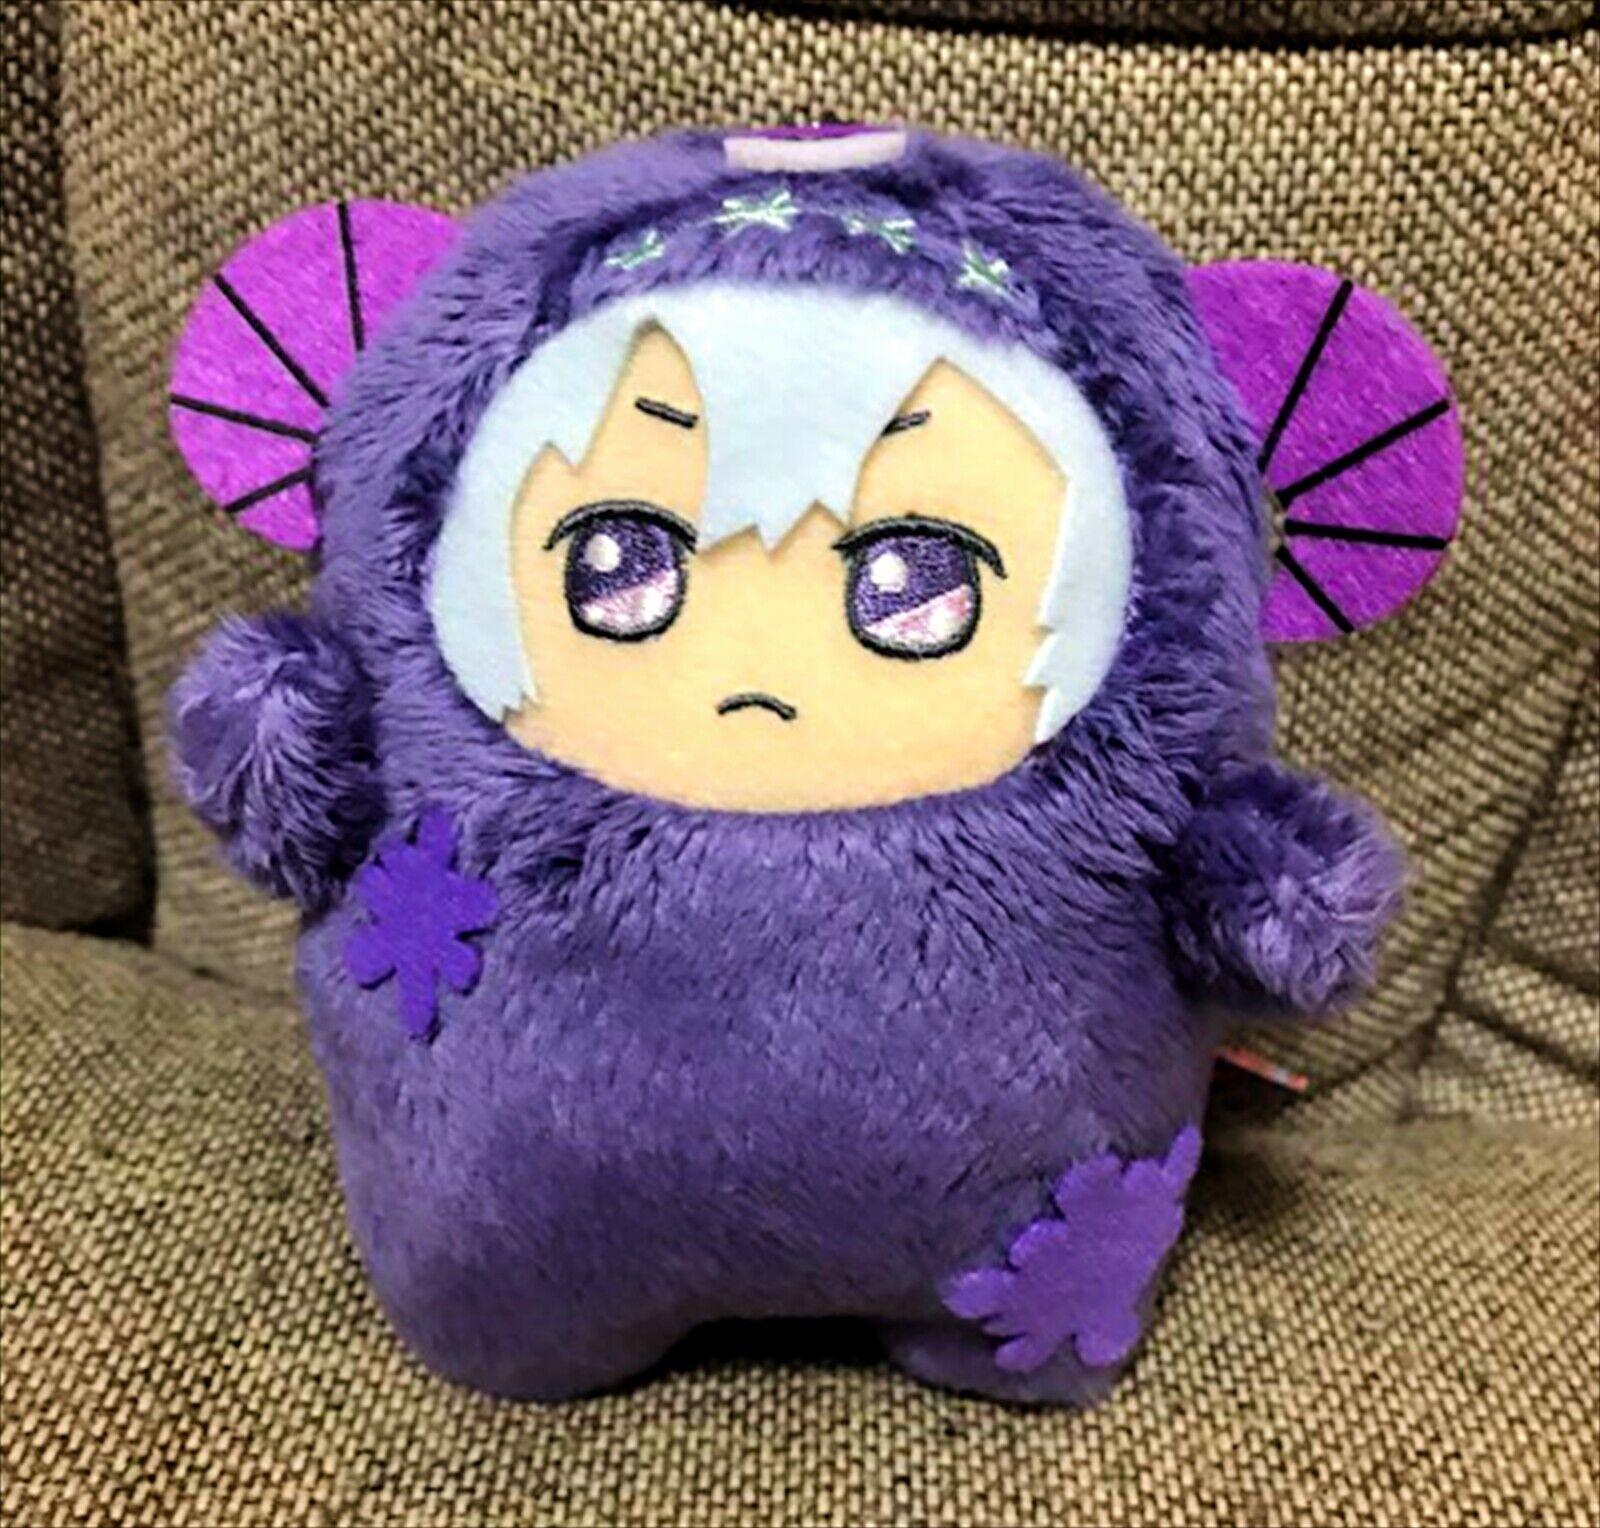 BANDAI namco IDOLiSH7 Osaka Sogo 15cm toy plush stuffed doll Japan anime 50